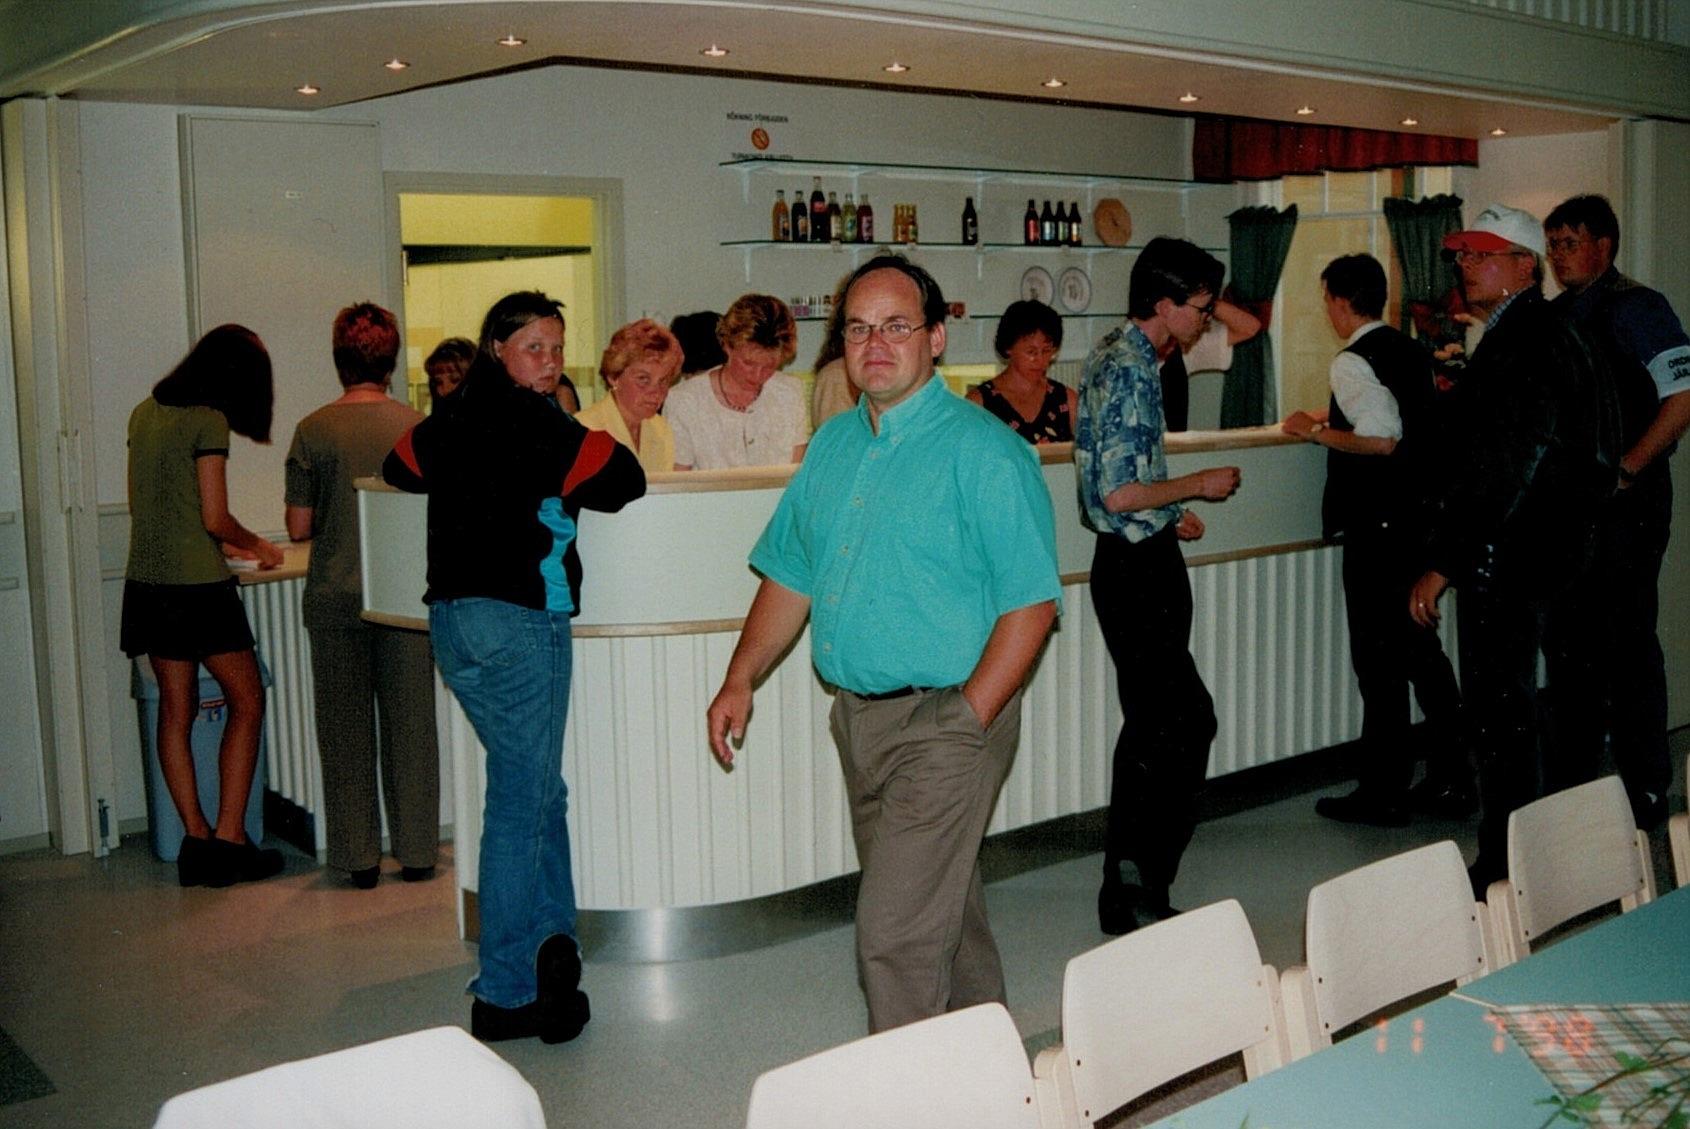 Verksamhetsledaren Roger Lundell ser nöjd och förväntansfull ut inför kvällens danstillställning och morgondagens invigningsfest.